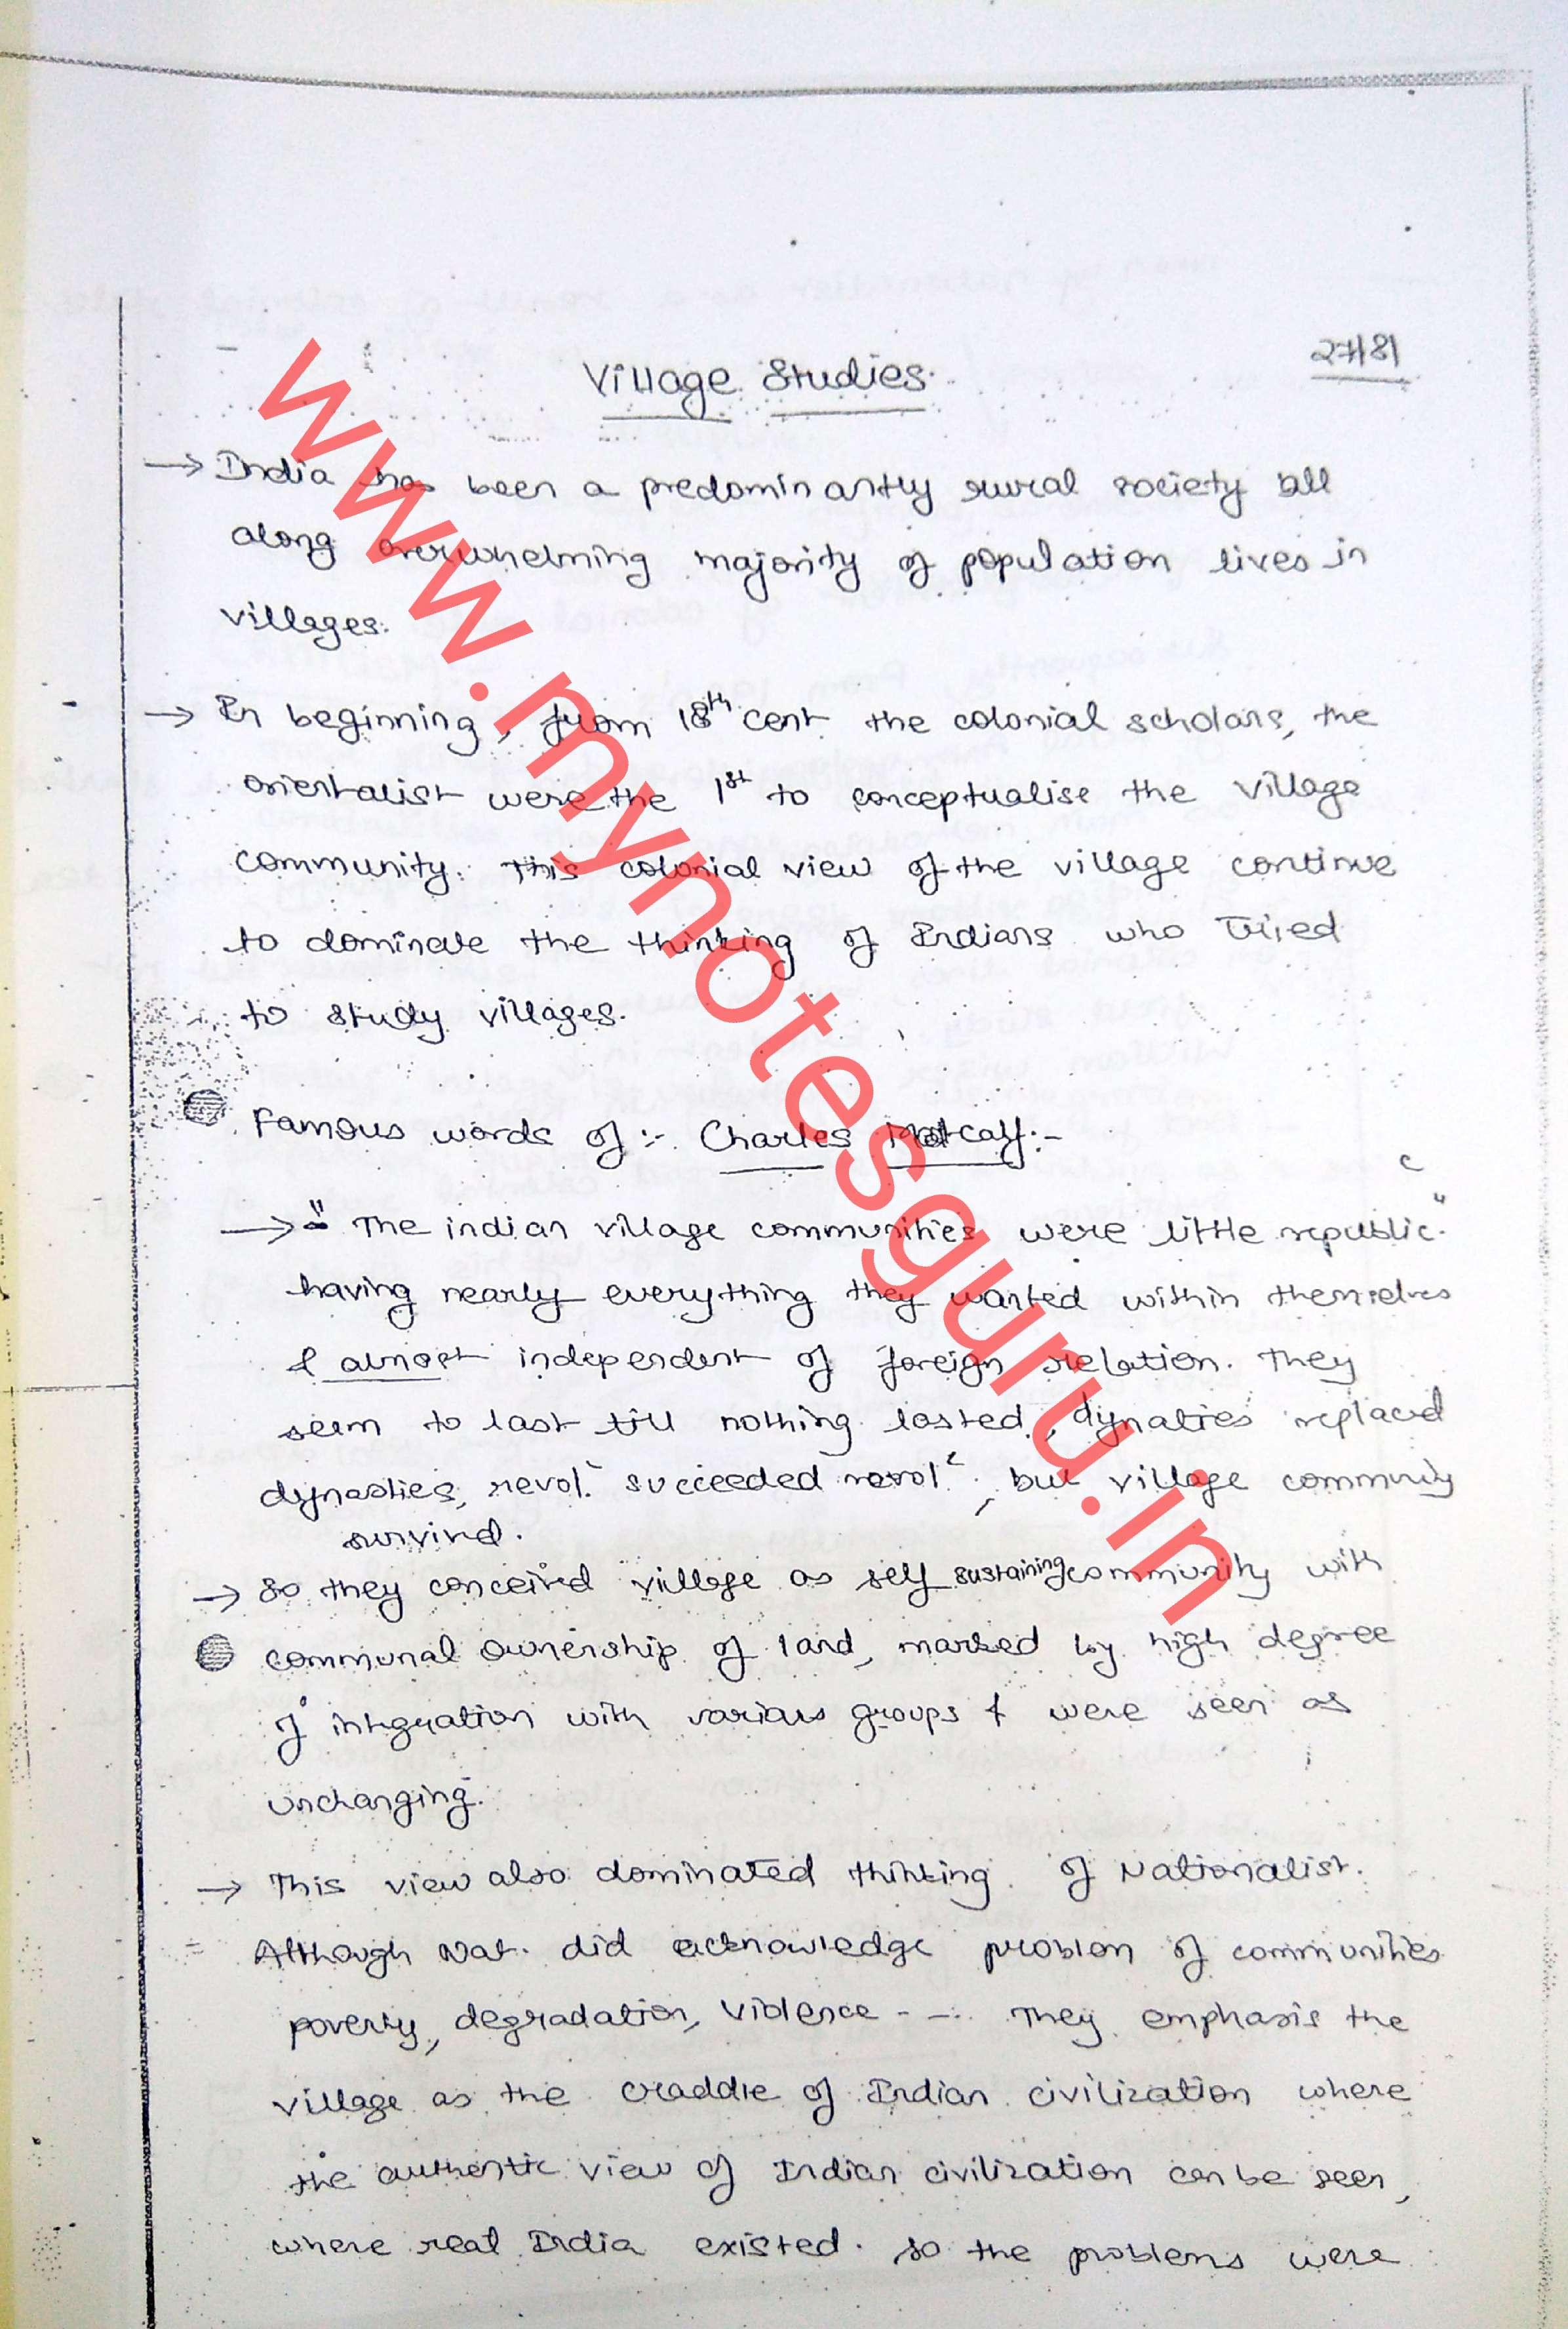 Upendra Gaur - Sociology - Handwritten Class Notes